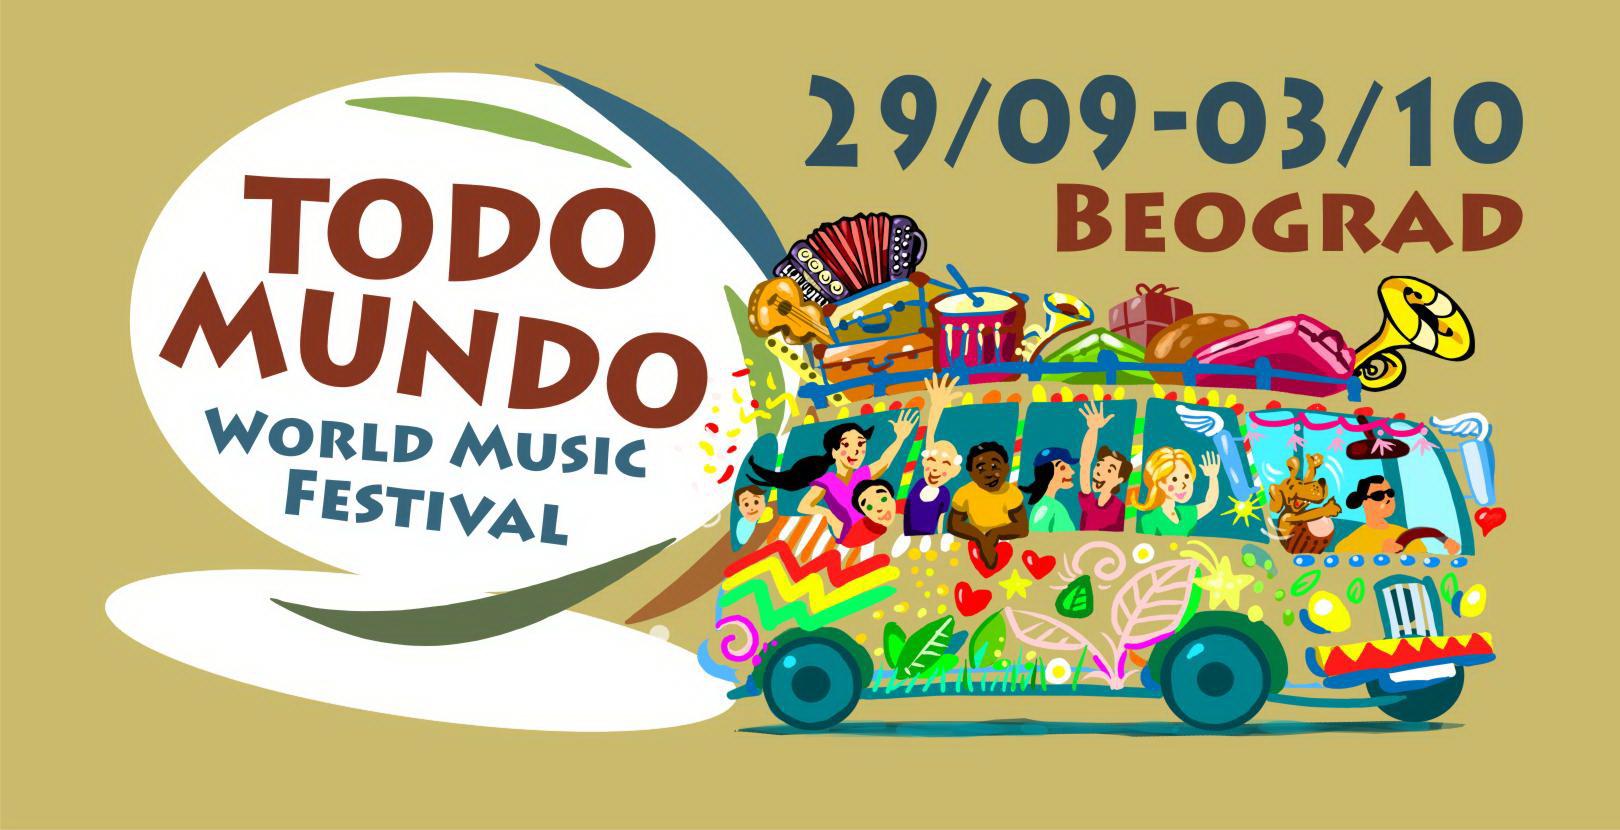 Todo Mundo Festival 2019